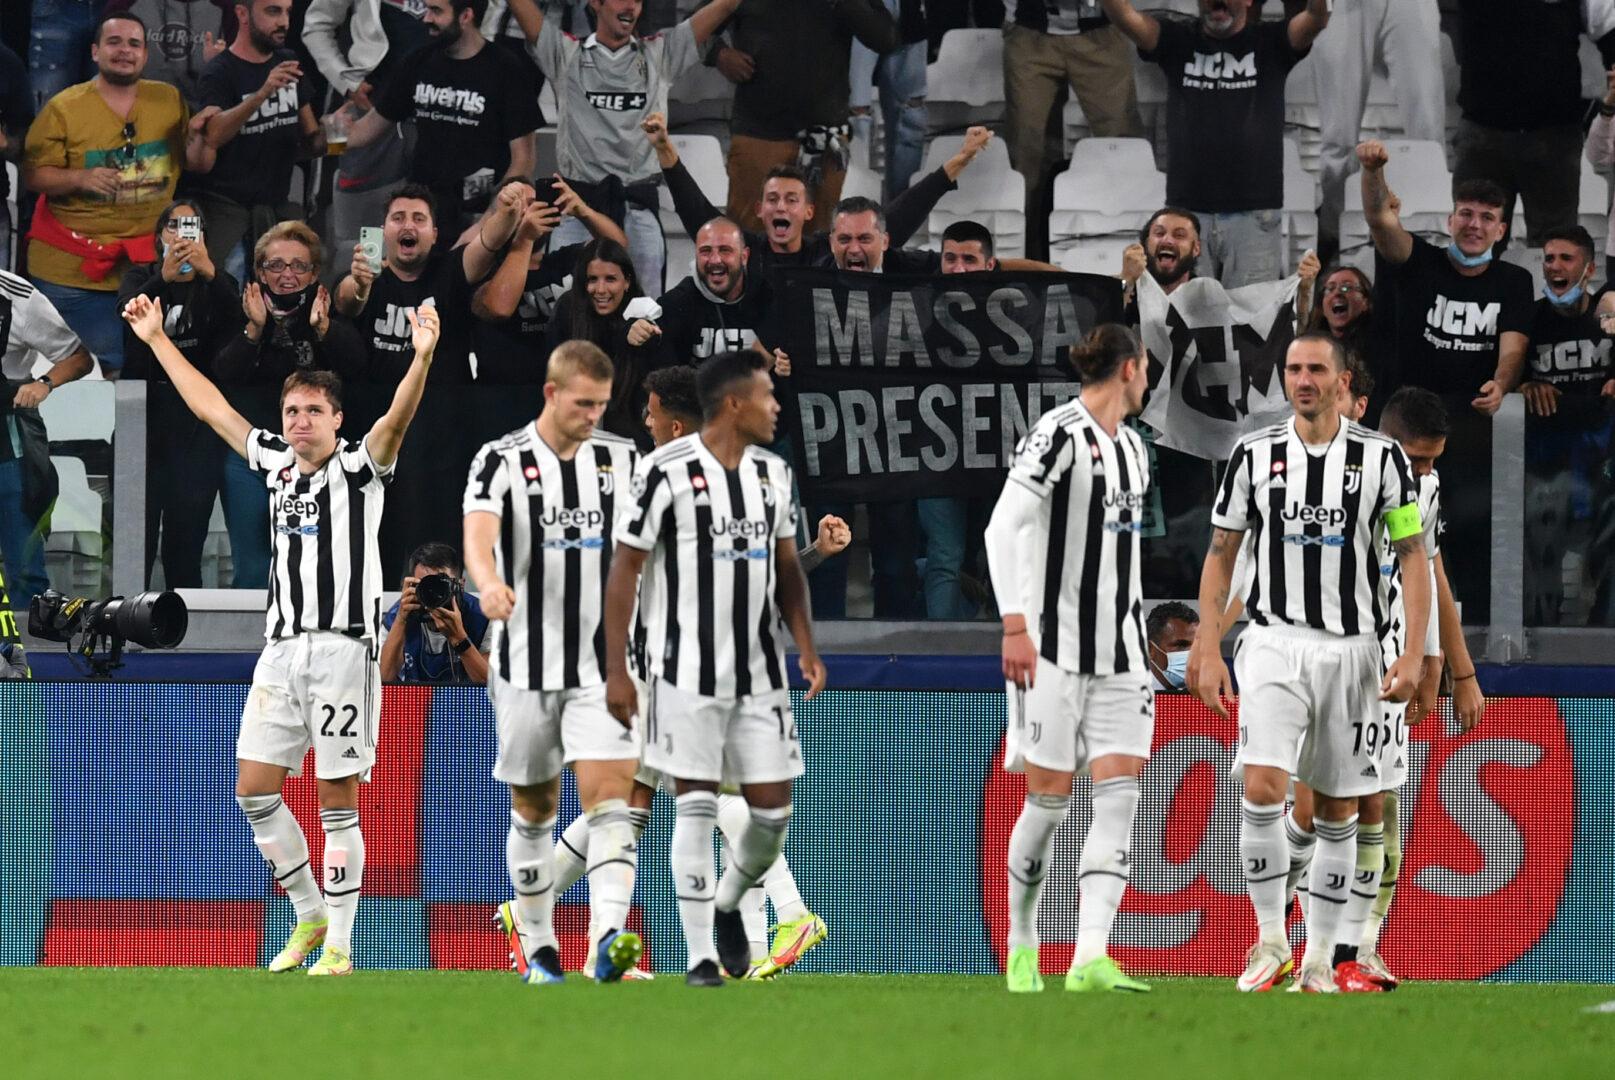 Juventus feiert - auch gegen Torino?